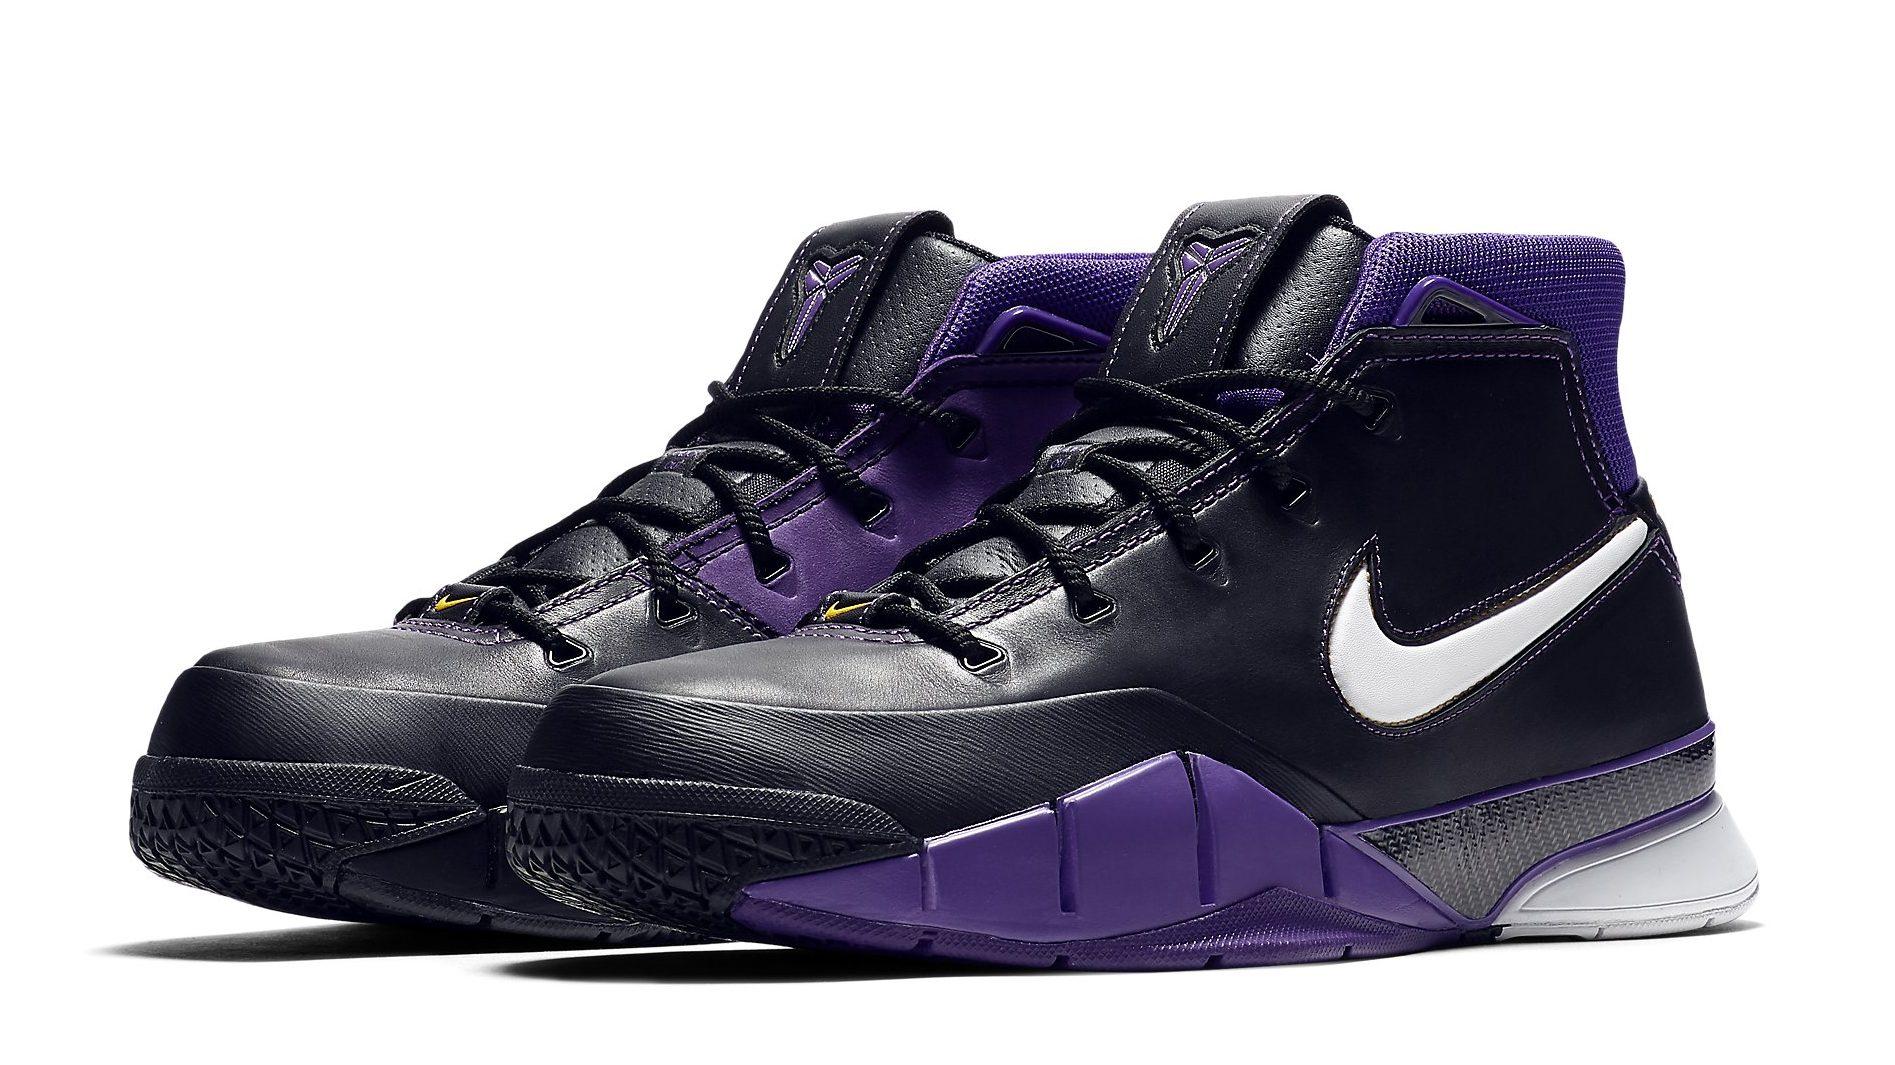 Nike Brings Back a Classic Zoom Kobe 1